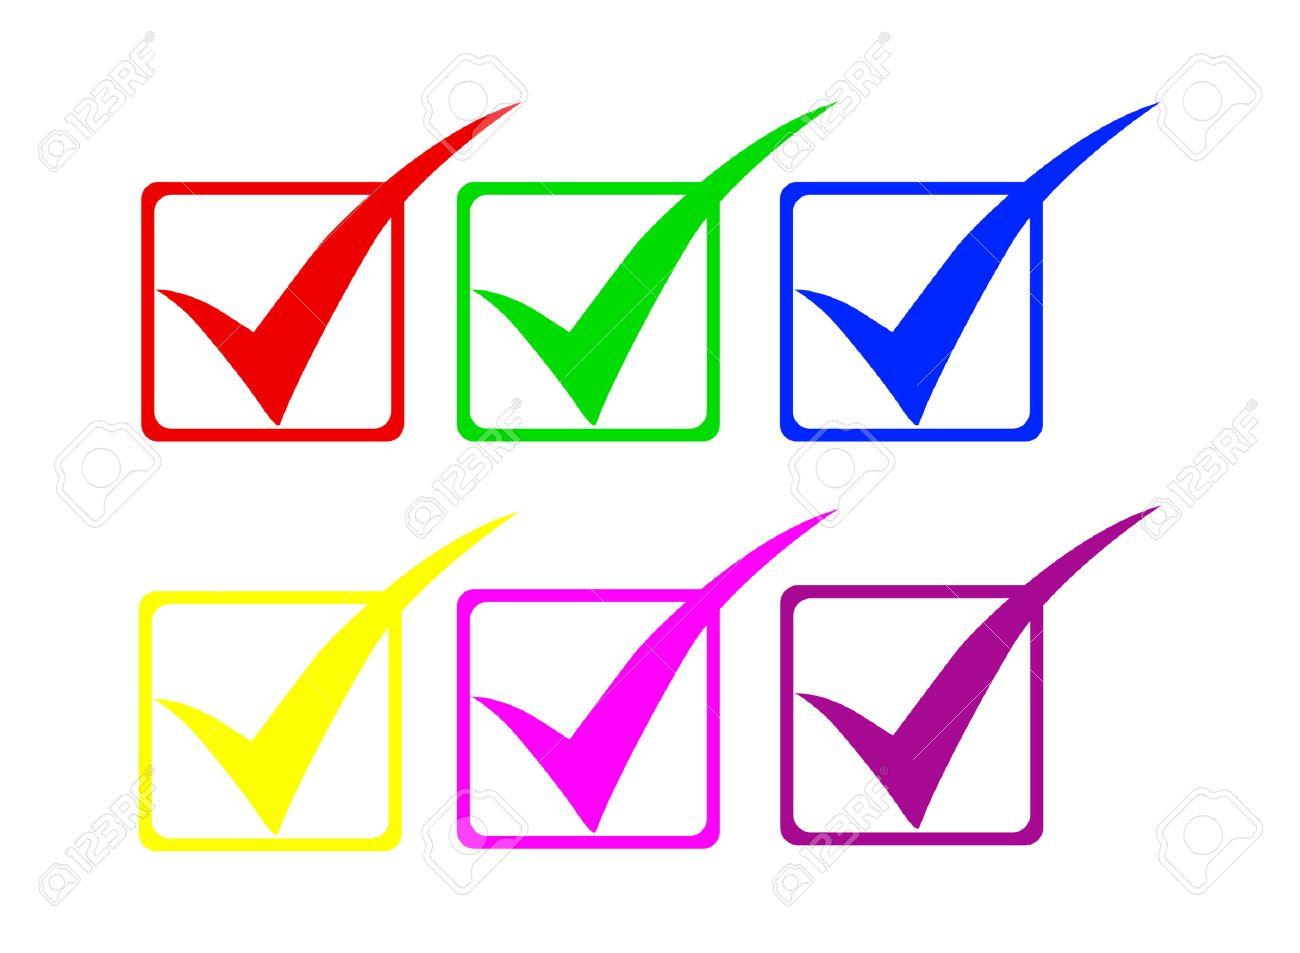 Check symbols Stock Vector - 8141103